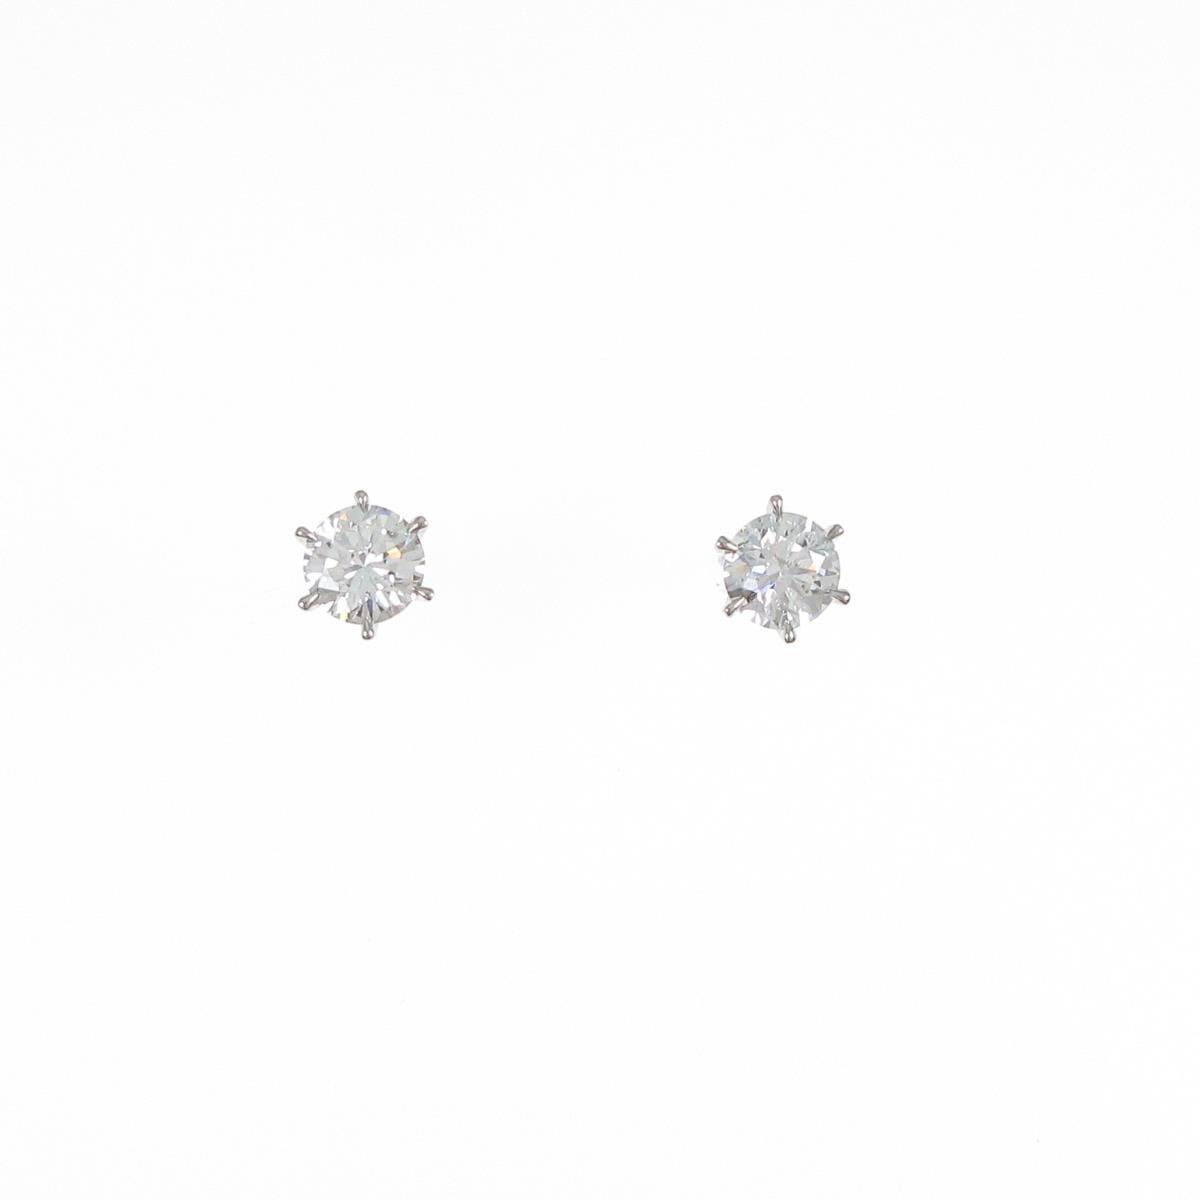 【新品】プラチナダイヤモンドピアス 0.342ct・0.342ct・F・SI2・VG【新品】